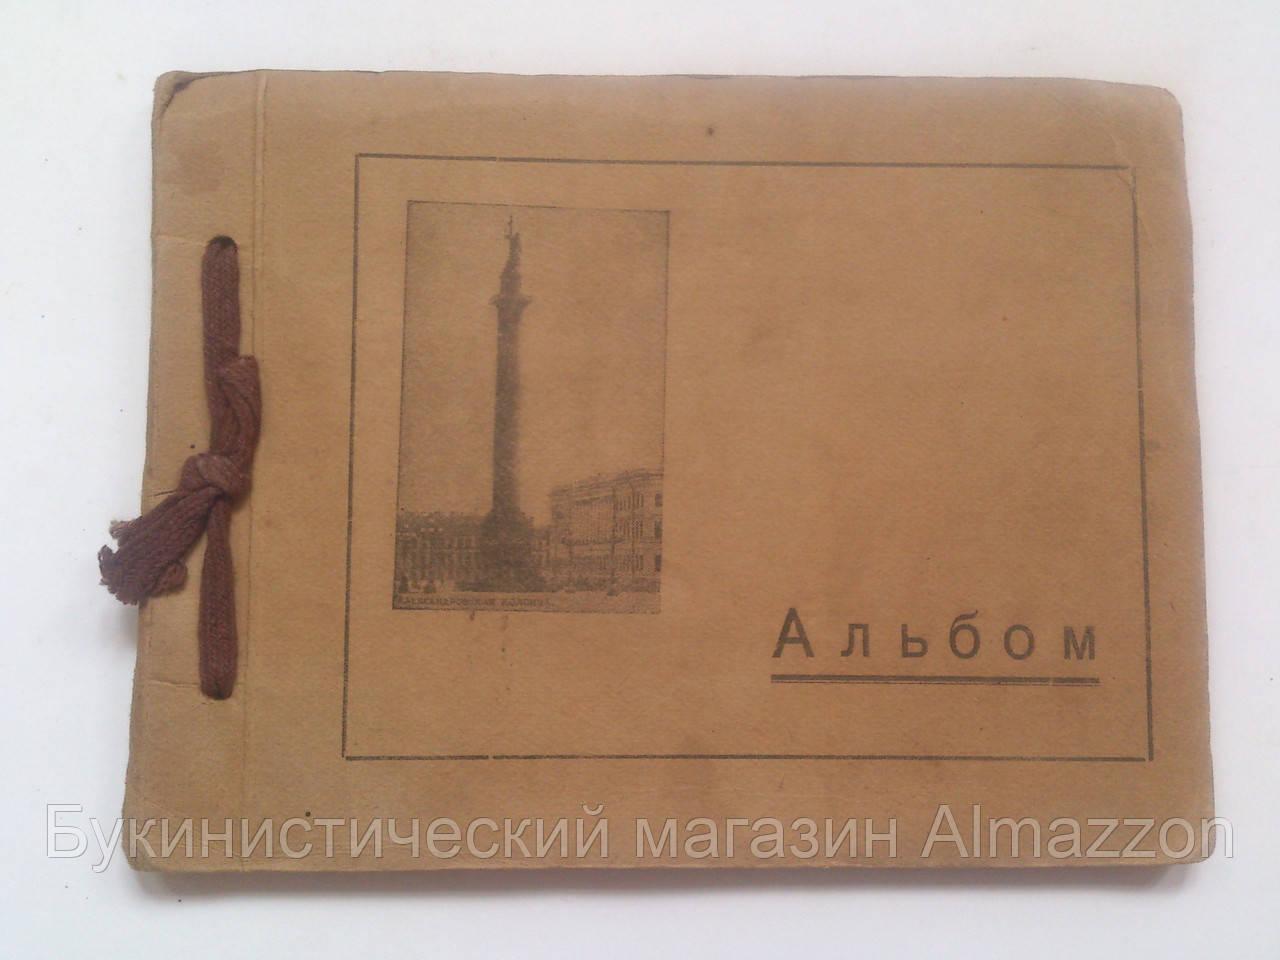 Альбом Фотоальбом 1951 год Ждановский промкомбинат, фото 1